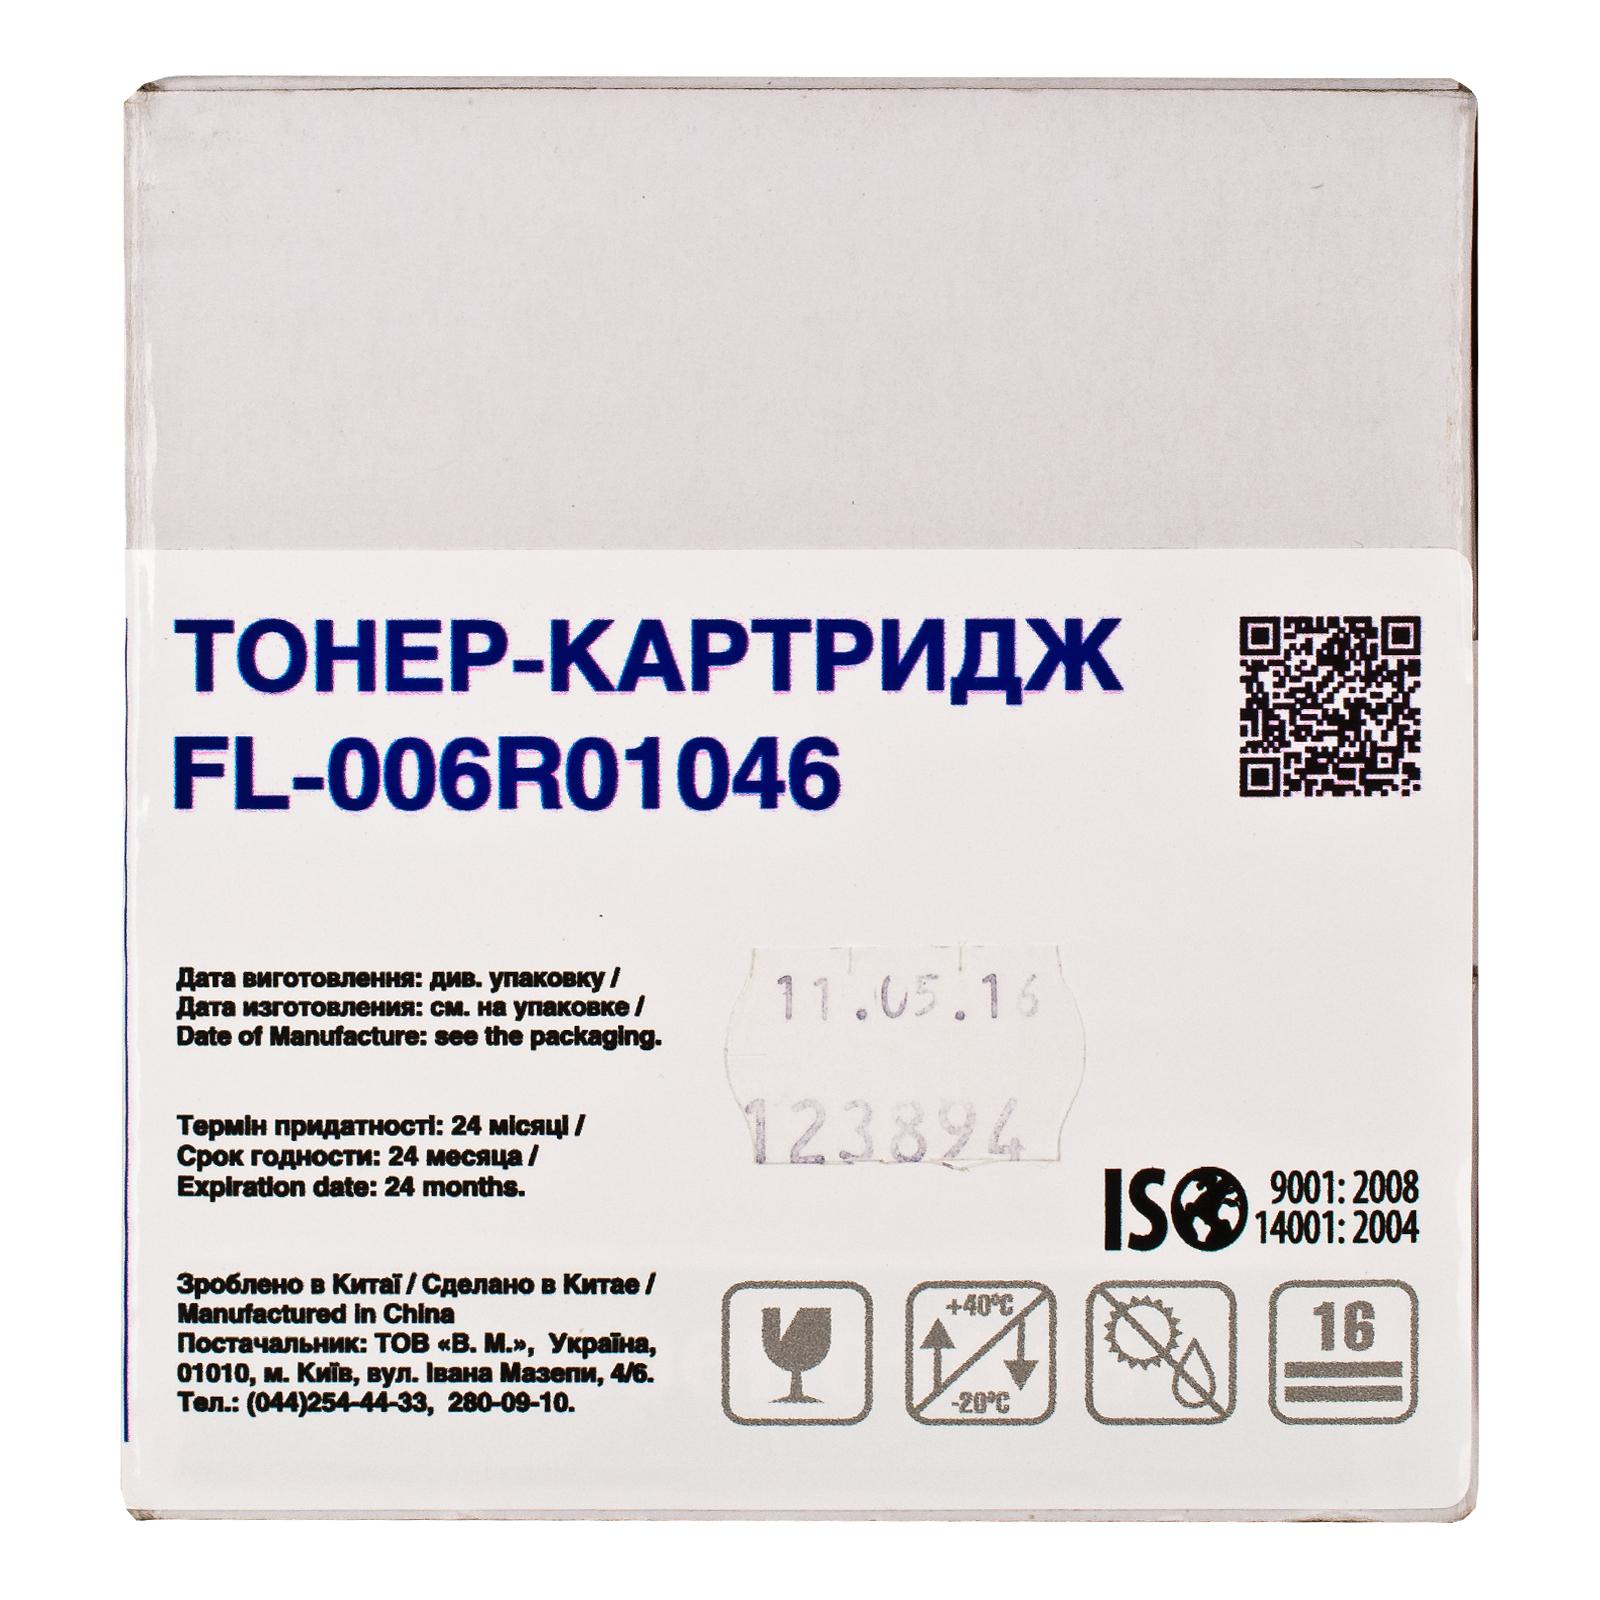 Тонер-картридж FREE Label XEROX 006R01046 (WC 232/238/245/255) (FL-006R01046) изображение 3